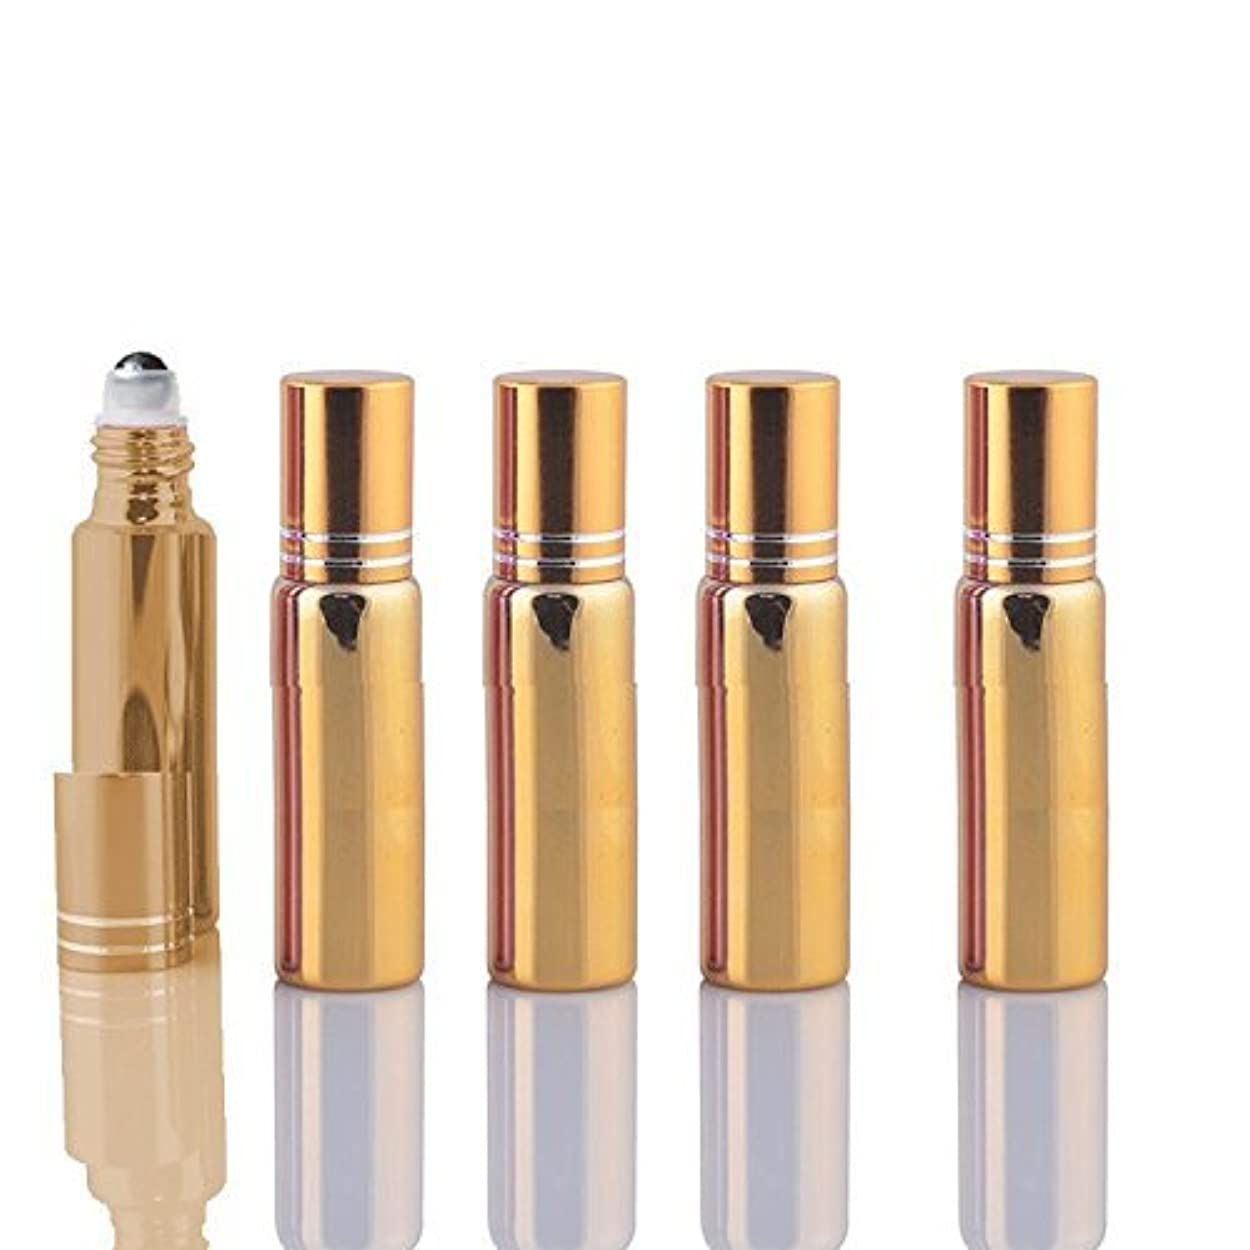 恐ろしいです配当確立します10 Sets Colored 5ml UV Coated Glass Roller Ball Refillable Rollon Bottles Grand Parfums with Stainless Steel Rollers...